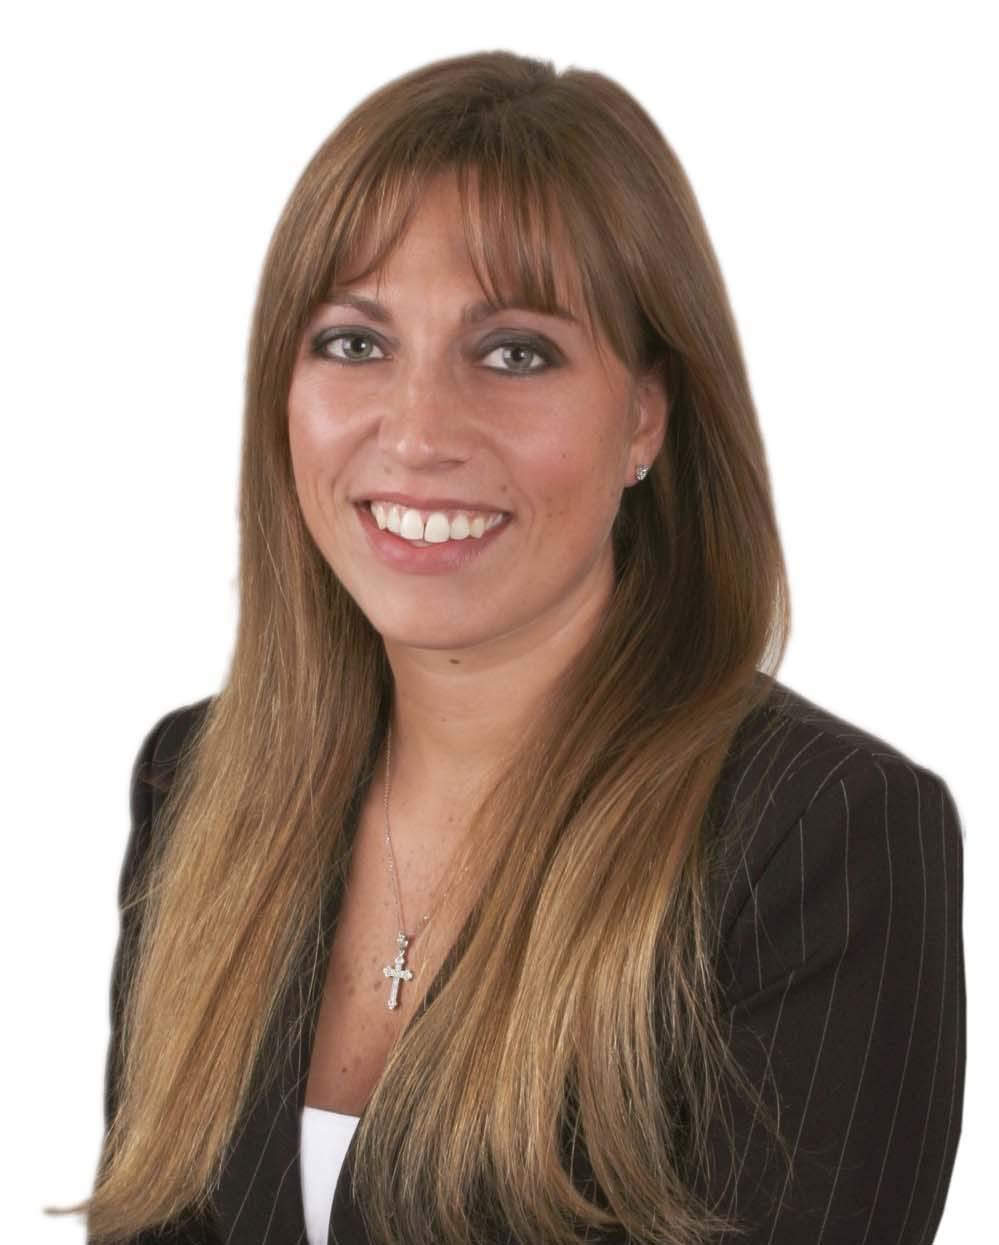 Andrea Heiskell